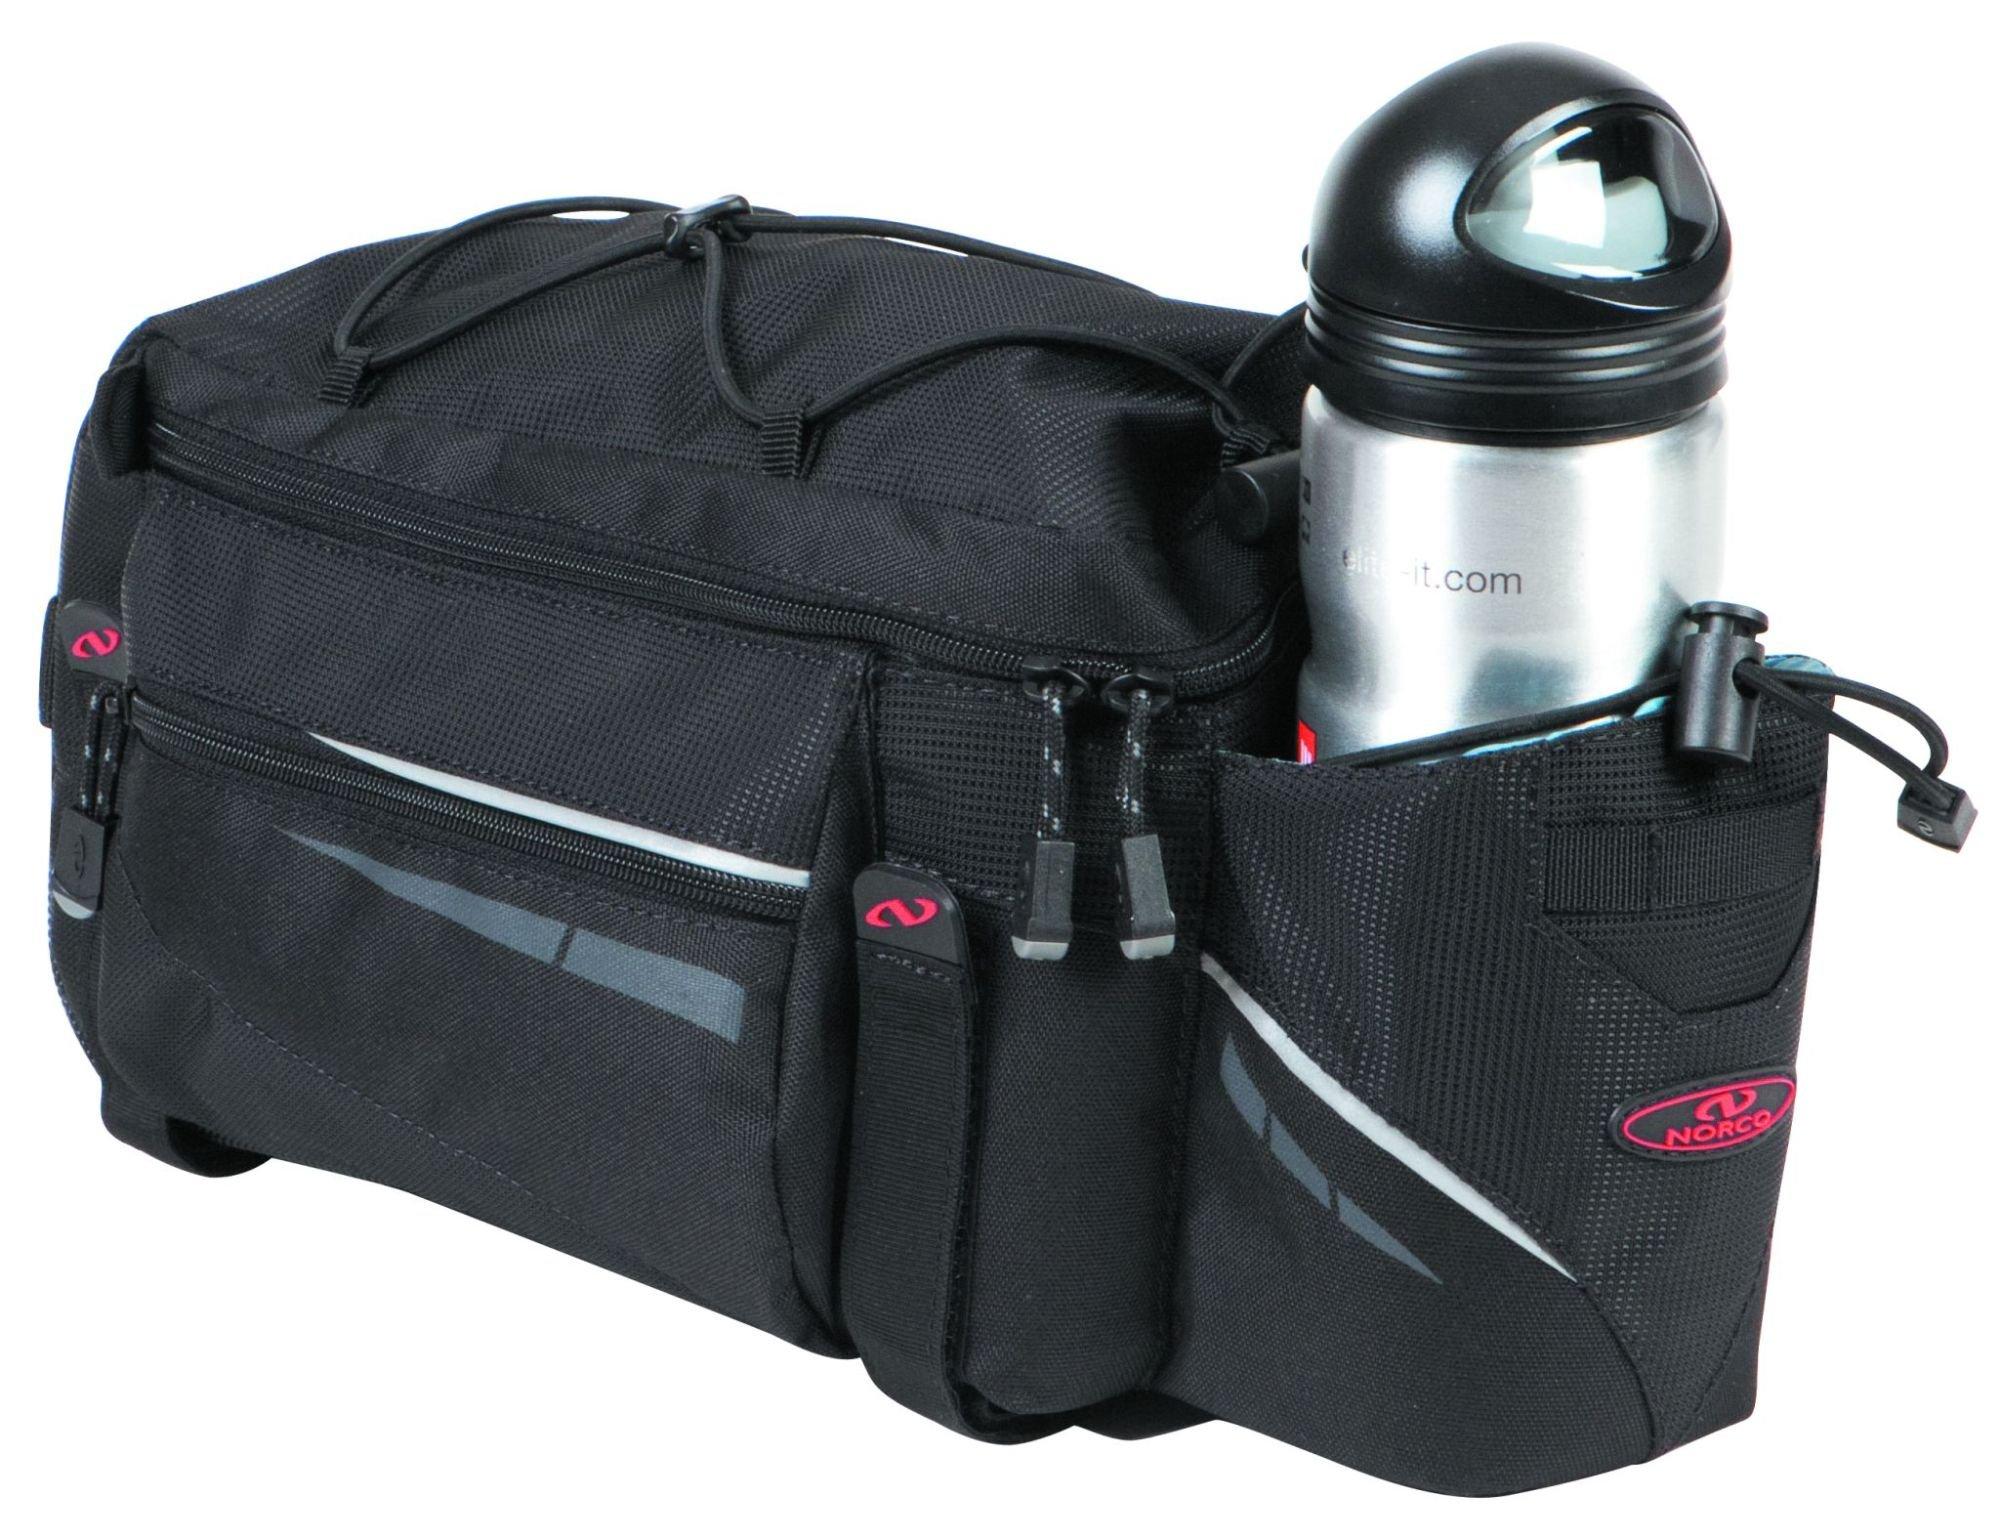 Fahrradteile/Koffer & Körbe: Norco  Ohio Gepäckträgertasche